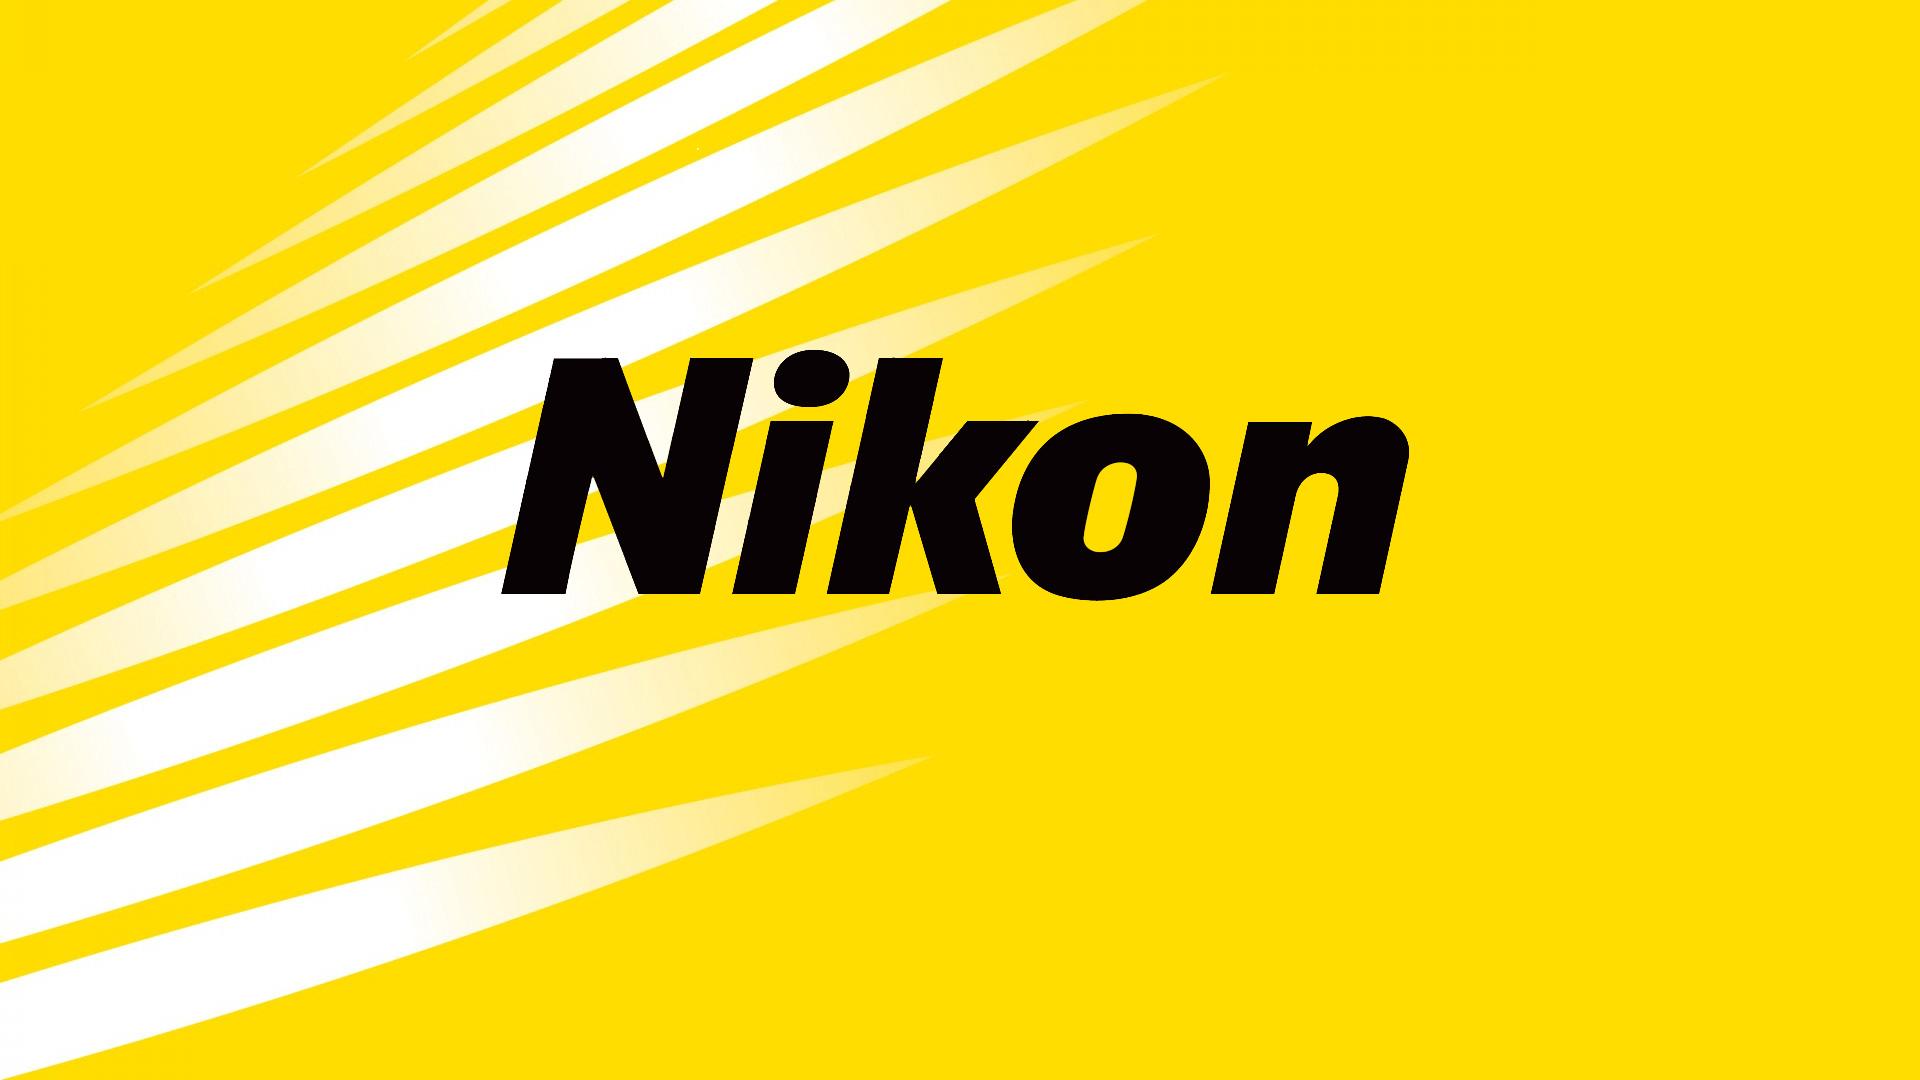 تصویر جدیدی از دوربین نیکون D850 به بیرون درز کرد؛ تغییرات نسبت به نسل پیشین مشهود نیست